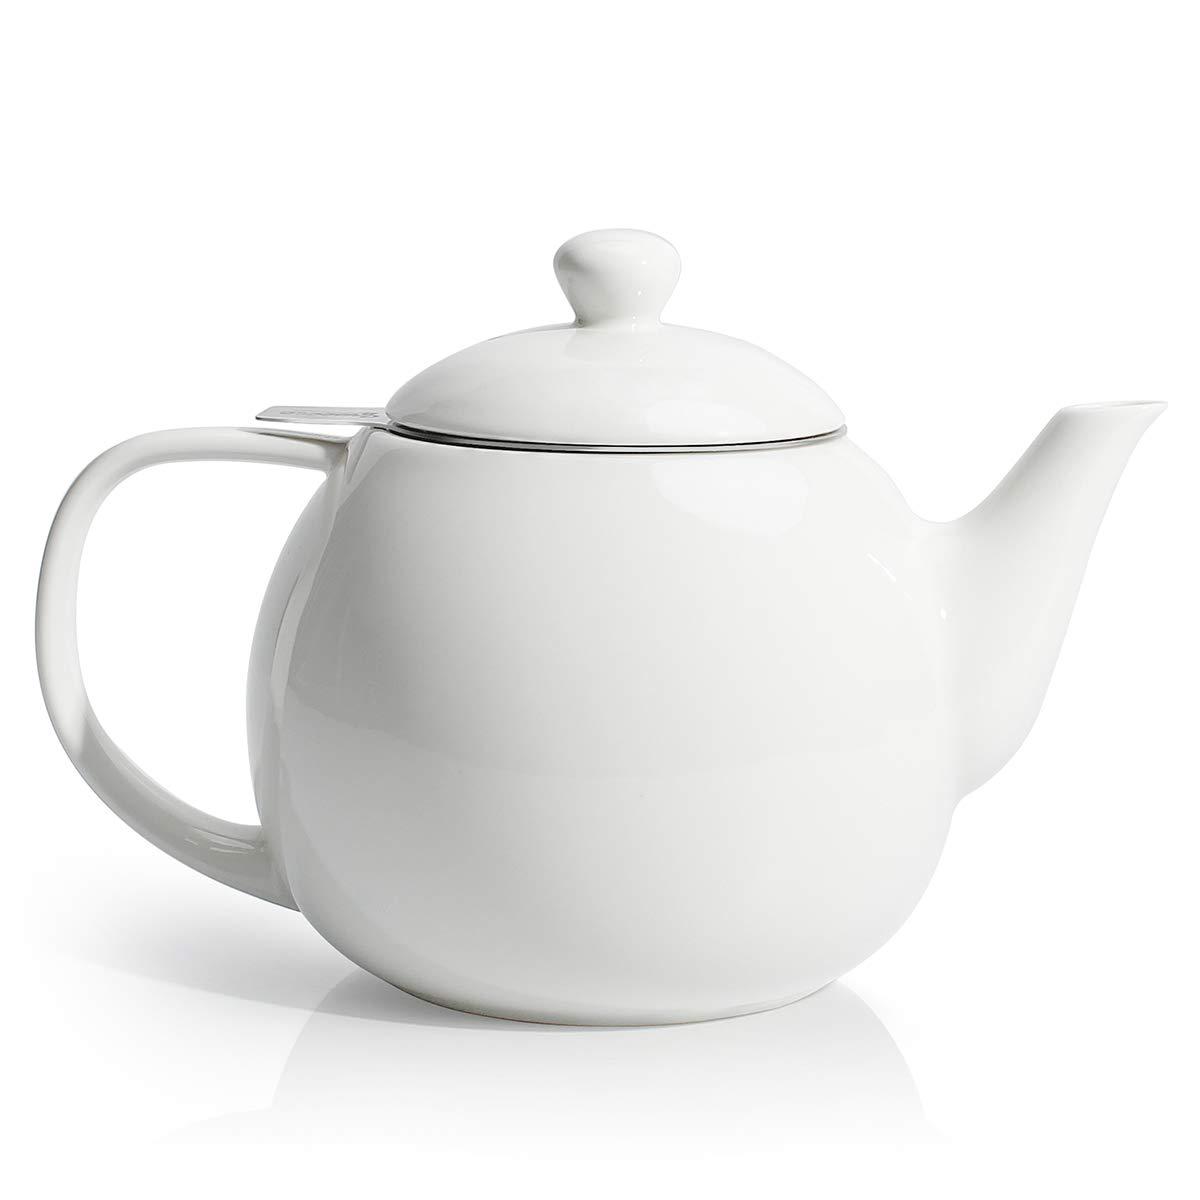 Tetera de porcelana con infusor de té y sello de silicona, diseño de hojas sueltas y florecientes, 27 onzas, Blanco